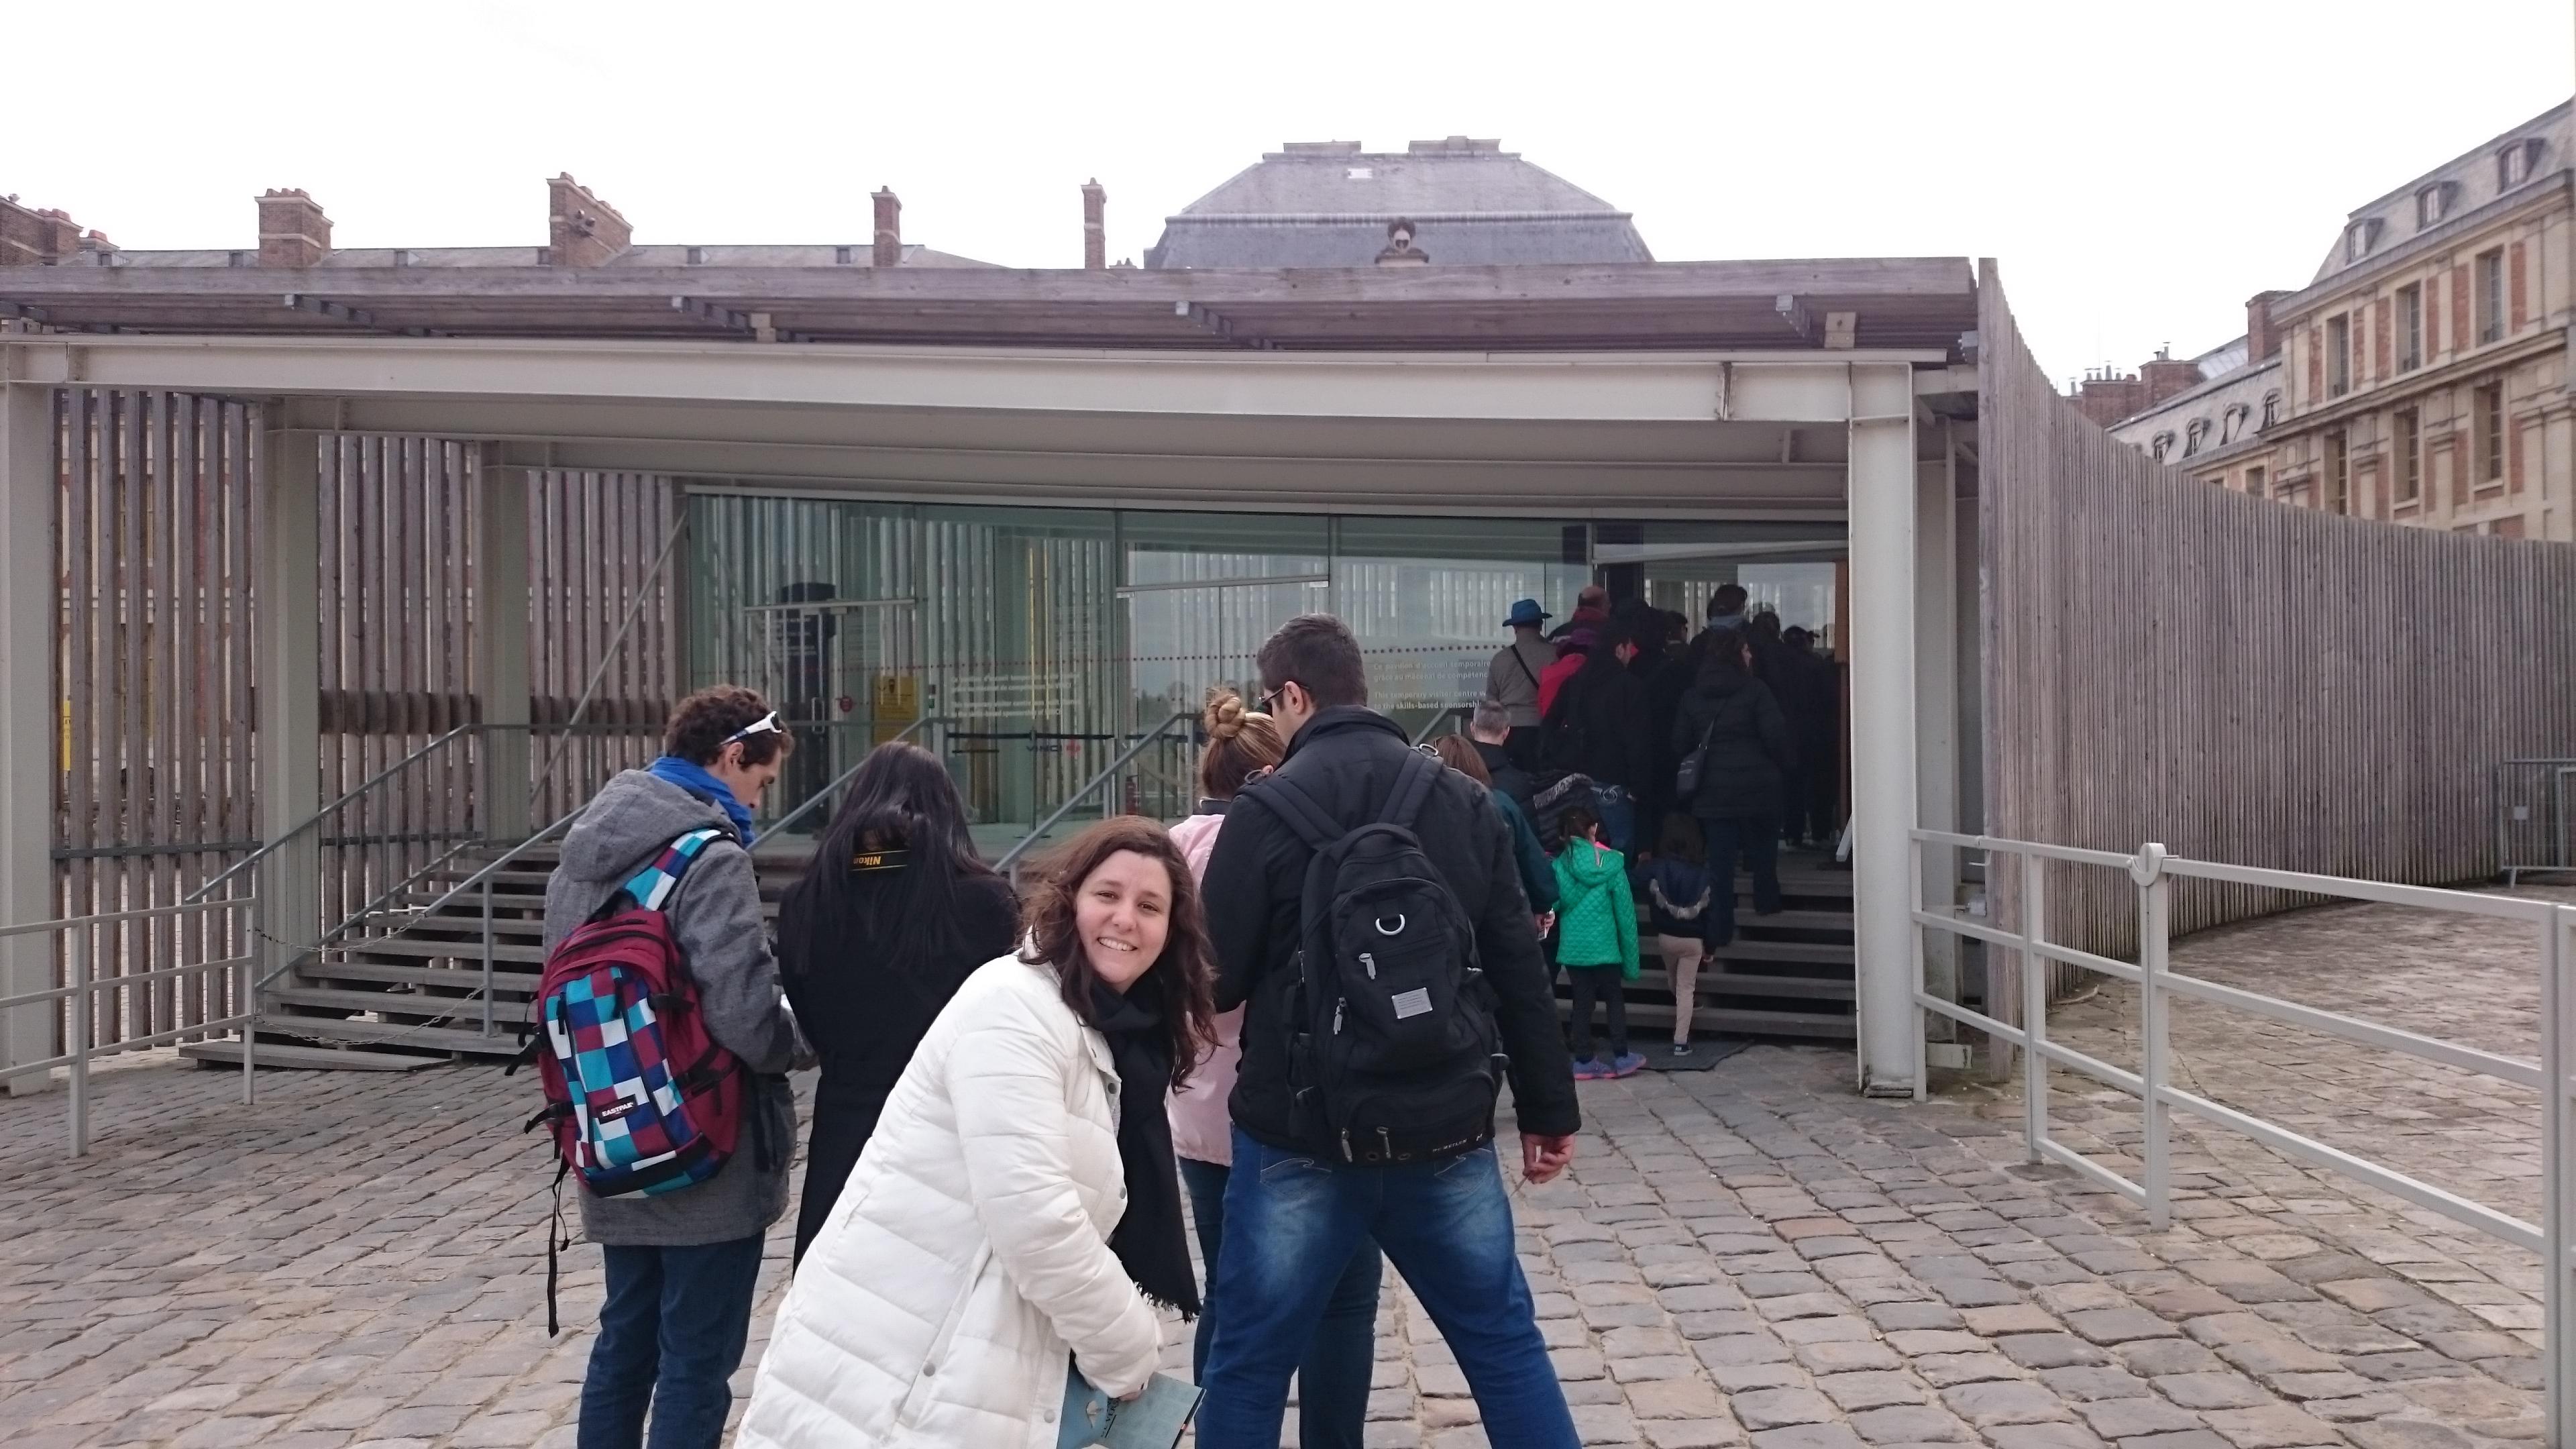 dsc 1313 - Visita al Palacio de Versalles: Como ir, cuanto cuesta y tips I/III